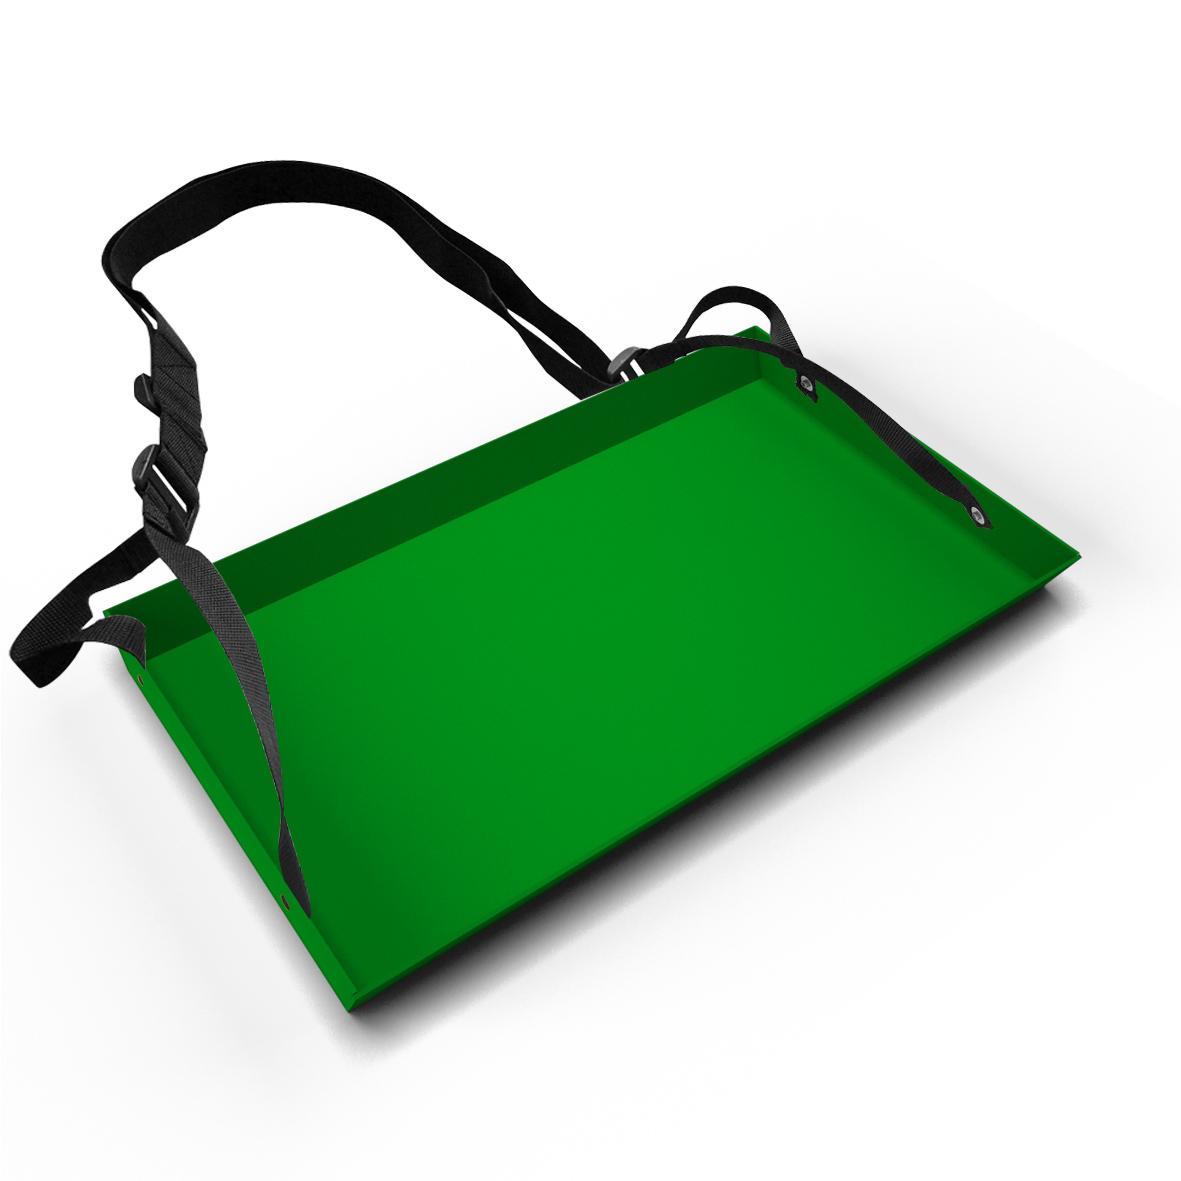 POP-LAYS-Promo-Berretto-JT160415-green.jpg